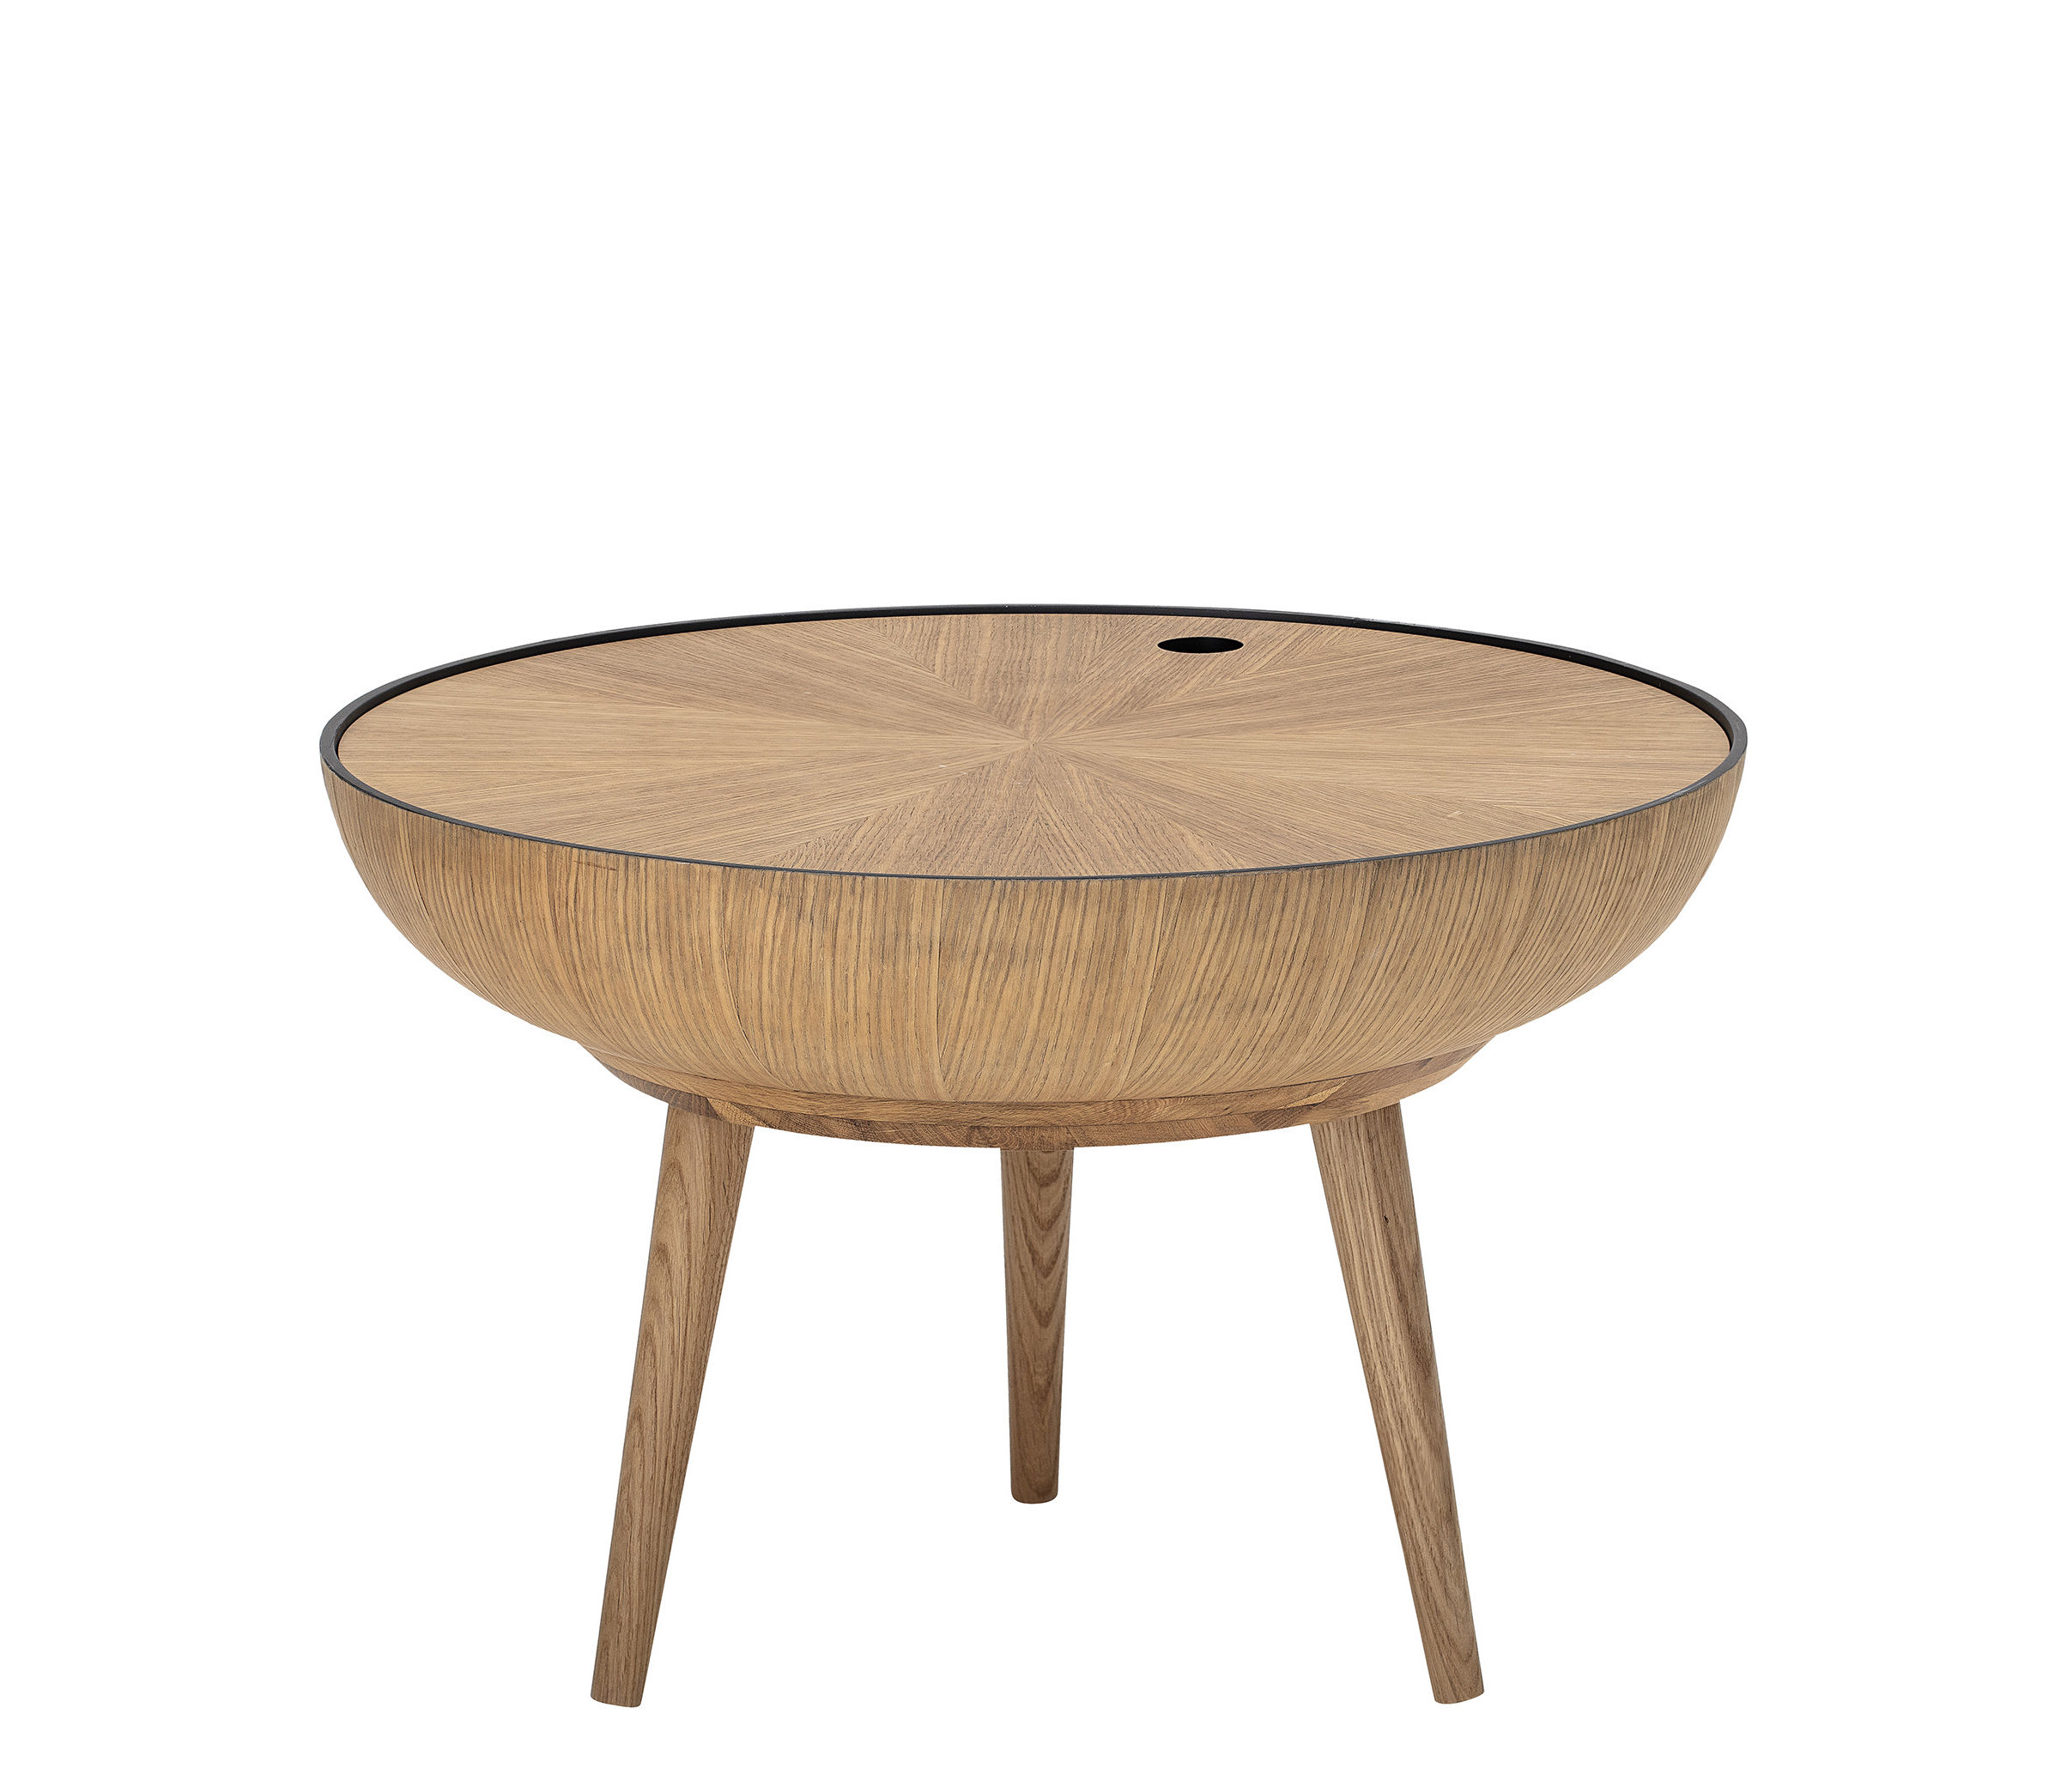 Arredamento - Tavolini  - Tavolino Ronda - / Piano rimovible - Ø 60 cm di Bloomingville - Quercia naturale - Rovere